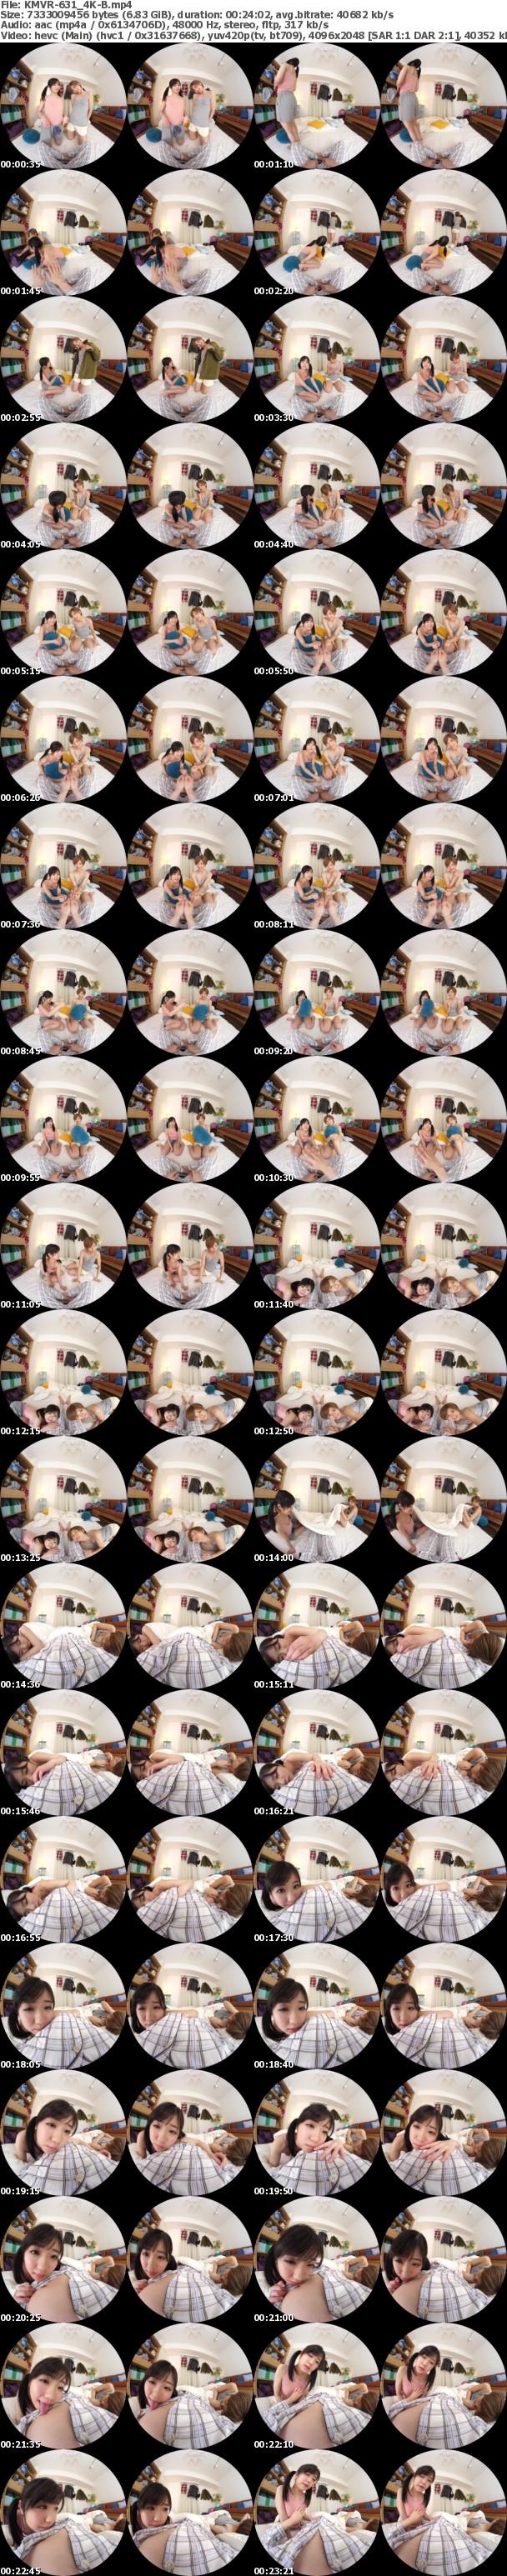 (VR) KVR1905-24 (KMVR-631) 【4K匠】妹2人が上京してきて僕の家に泊まりにきた。超可愛い小悪魔妹2人がち●ぽを奪い合う川の字サンドイッチハーレム逆3P!!